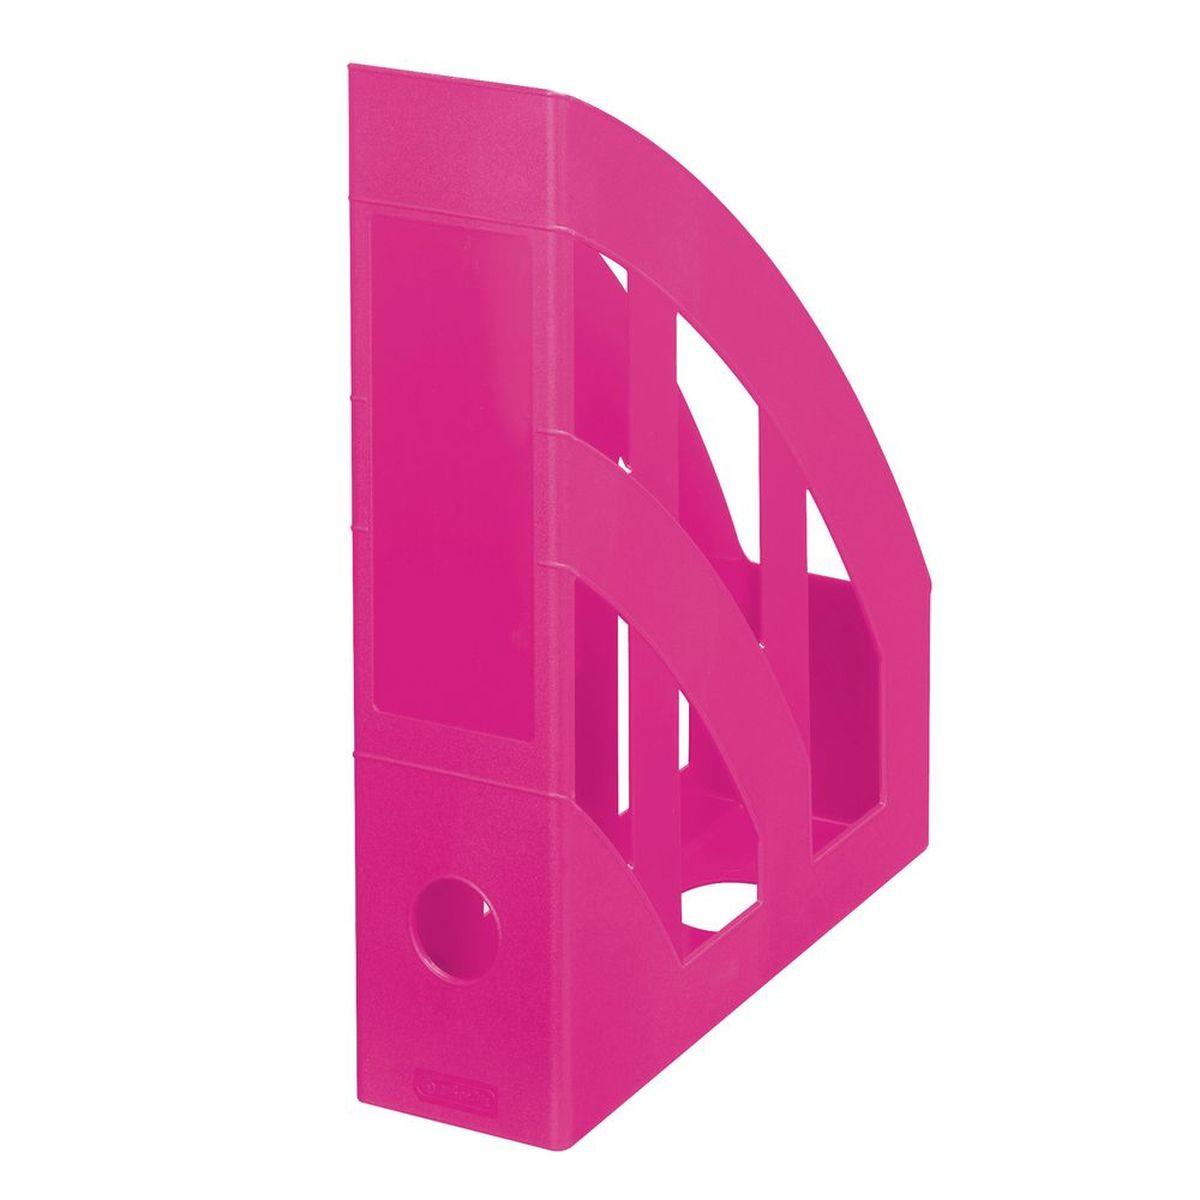 Herlitz Подставка для документов Classic цвет розовый